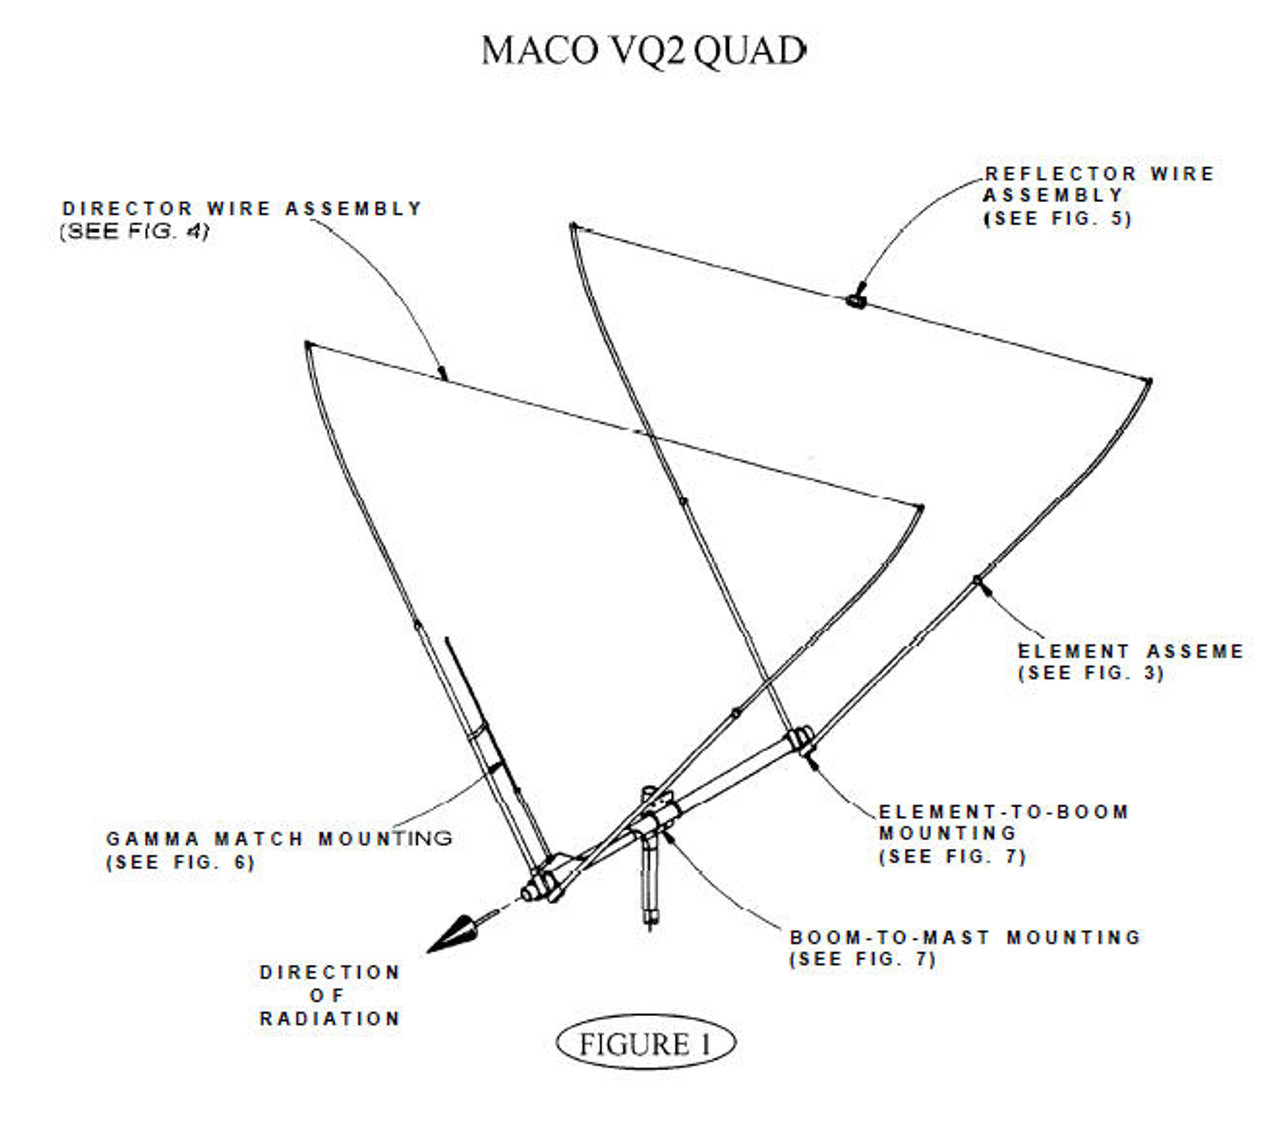 Maco 10/11 MV-QUAD